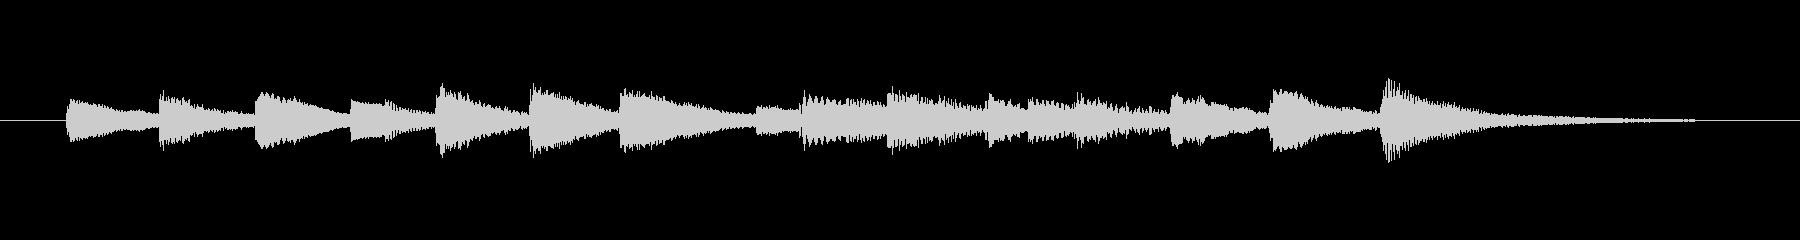 オルゴール音の短いベルの未再生の波形